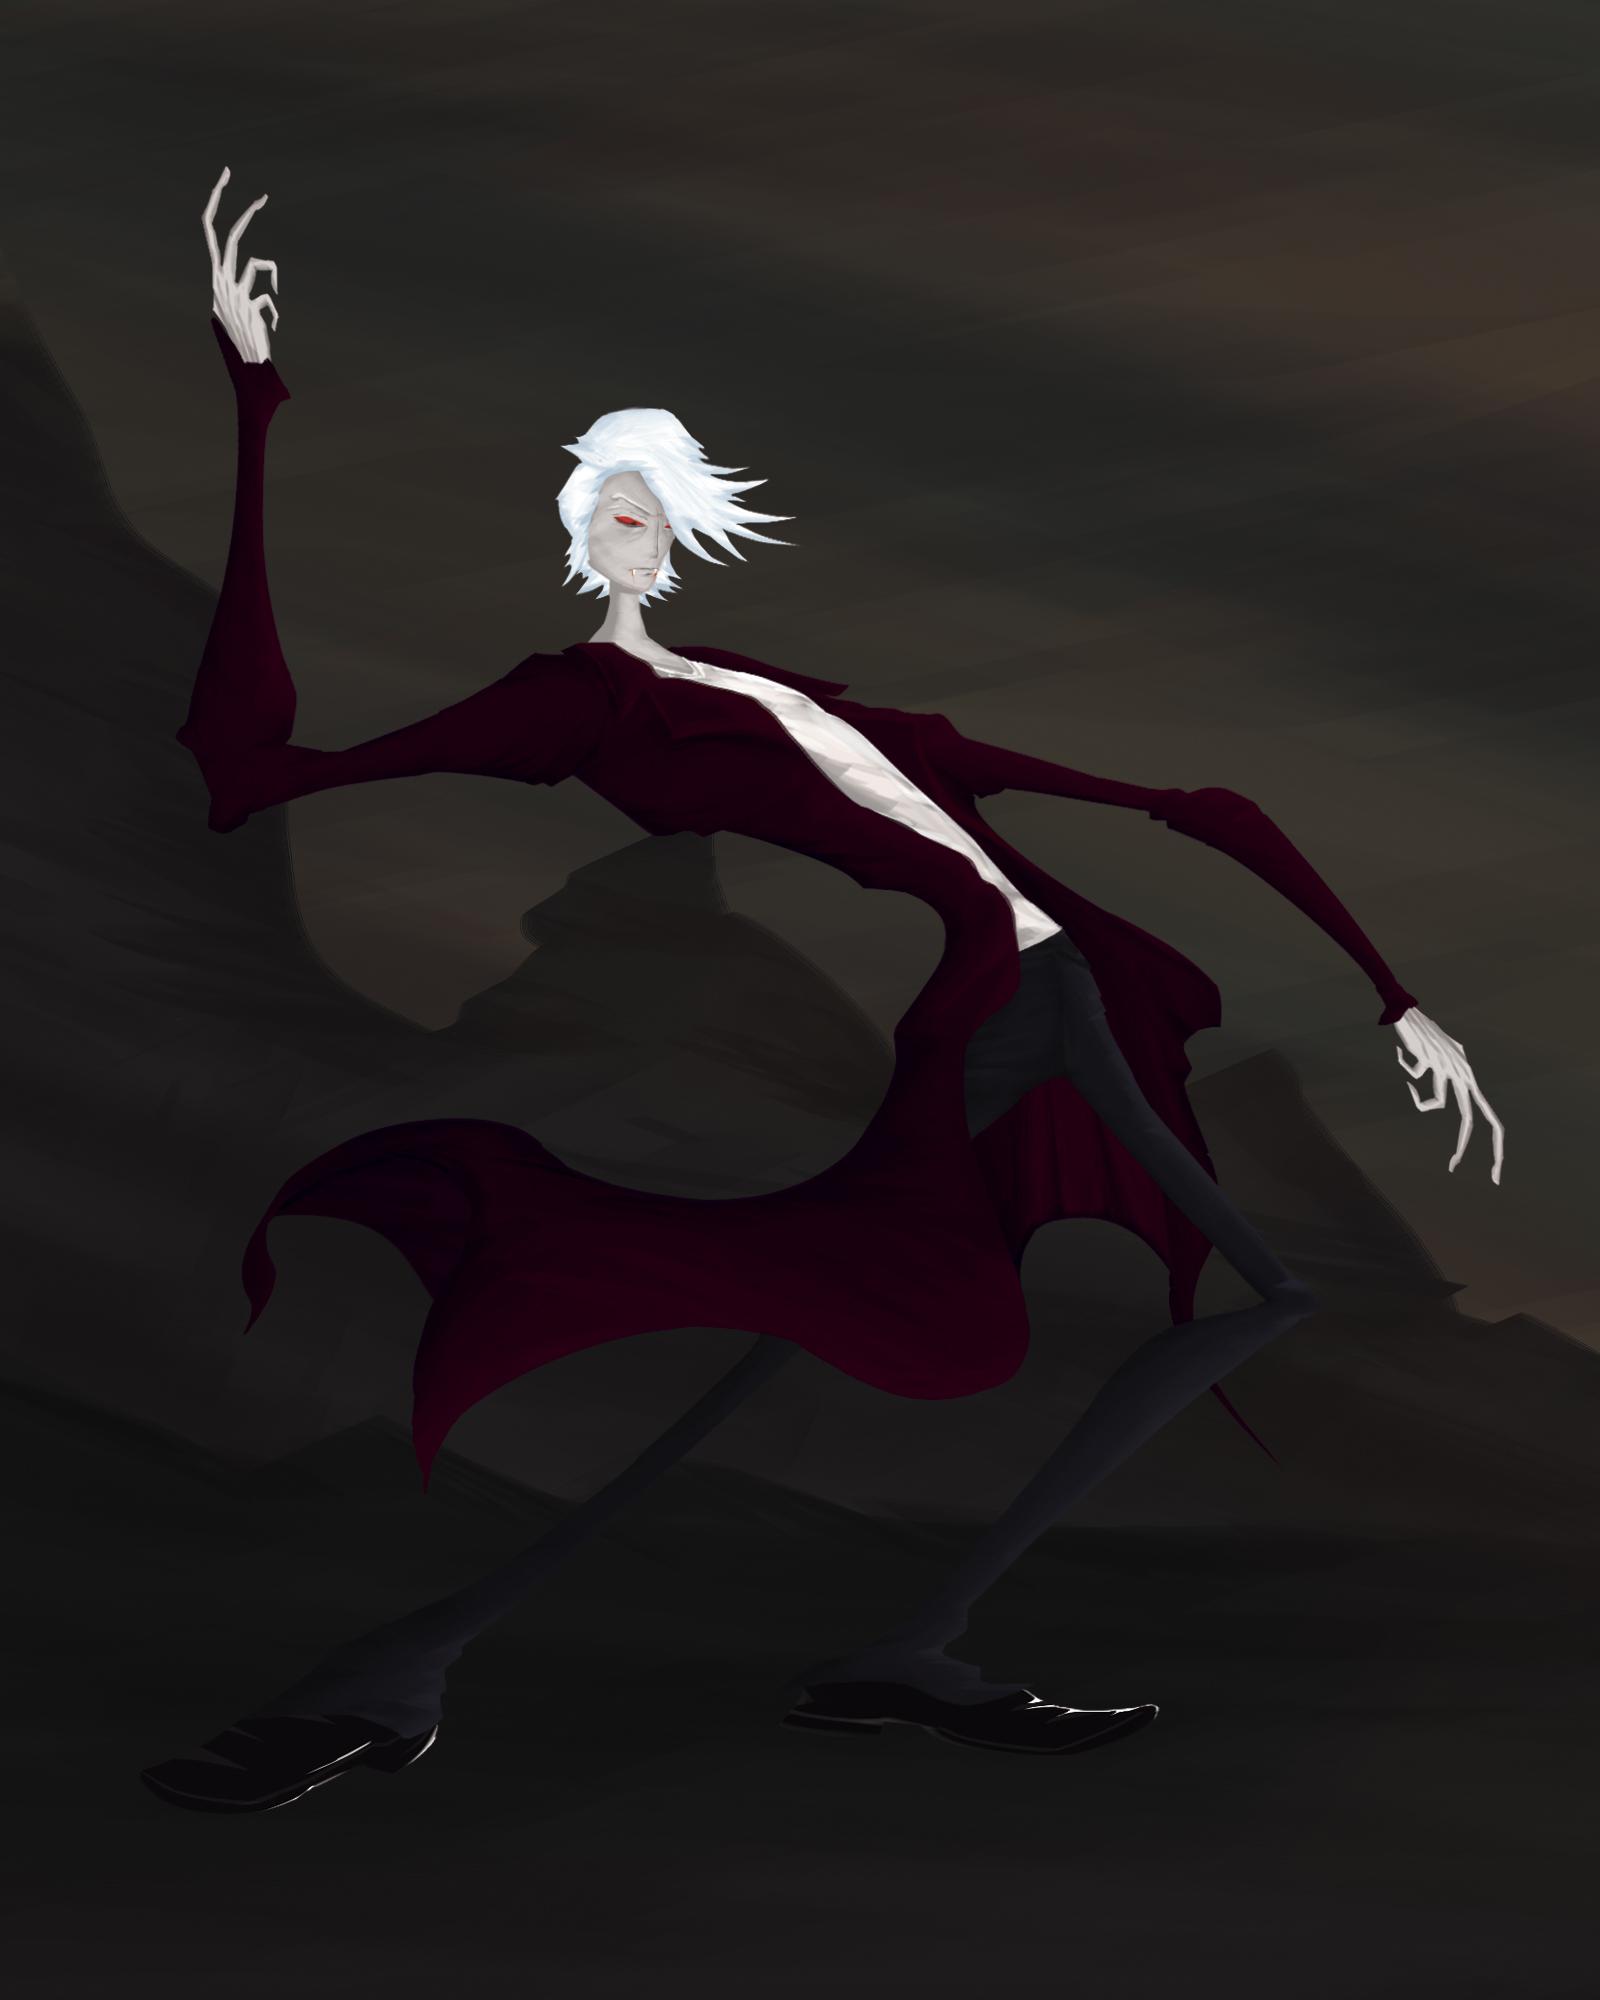 Vampire Character